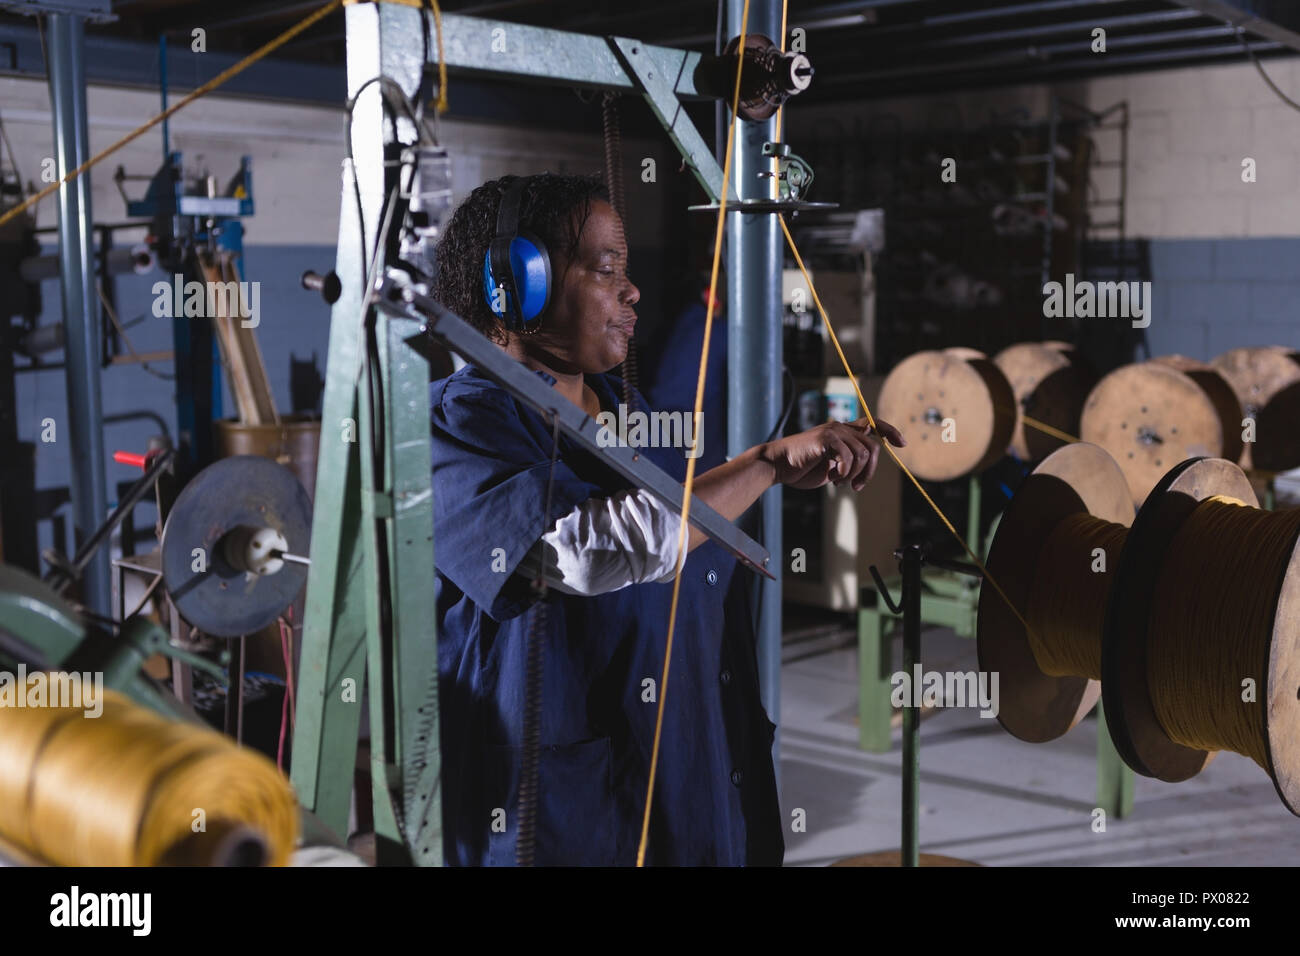 Travailleur travaillant dans l'industrie de la corde Banque D'Images